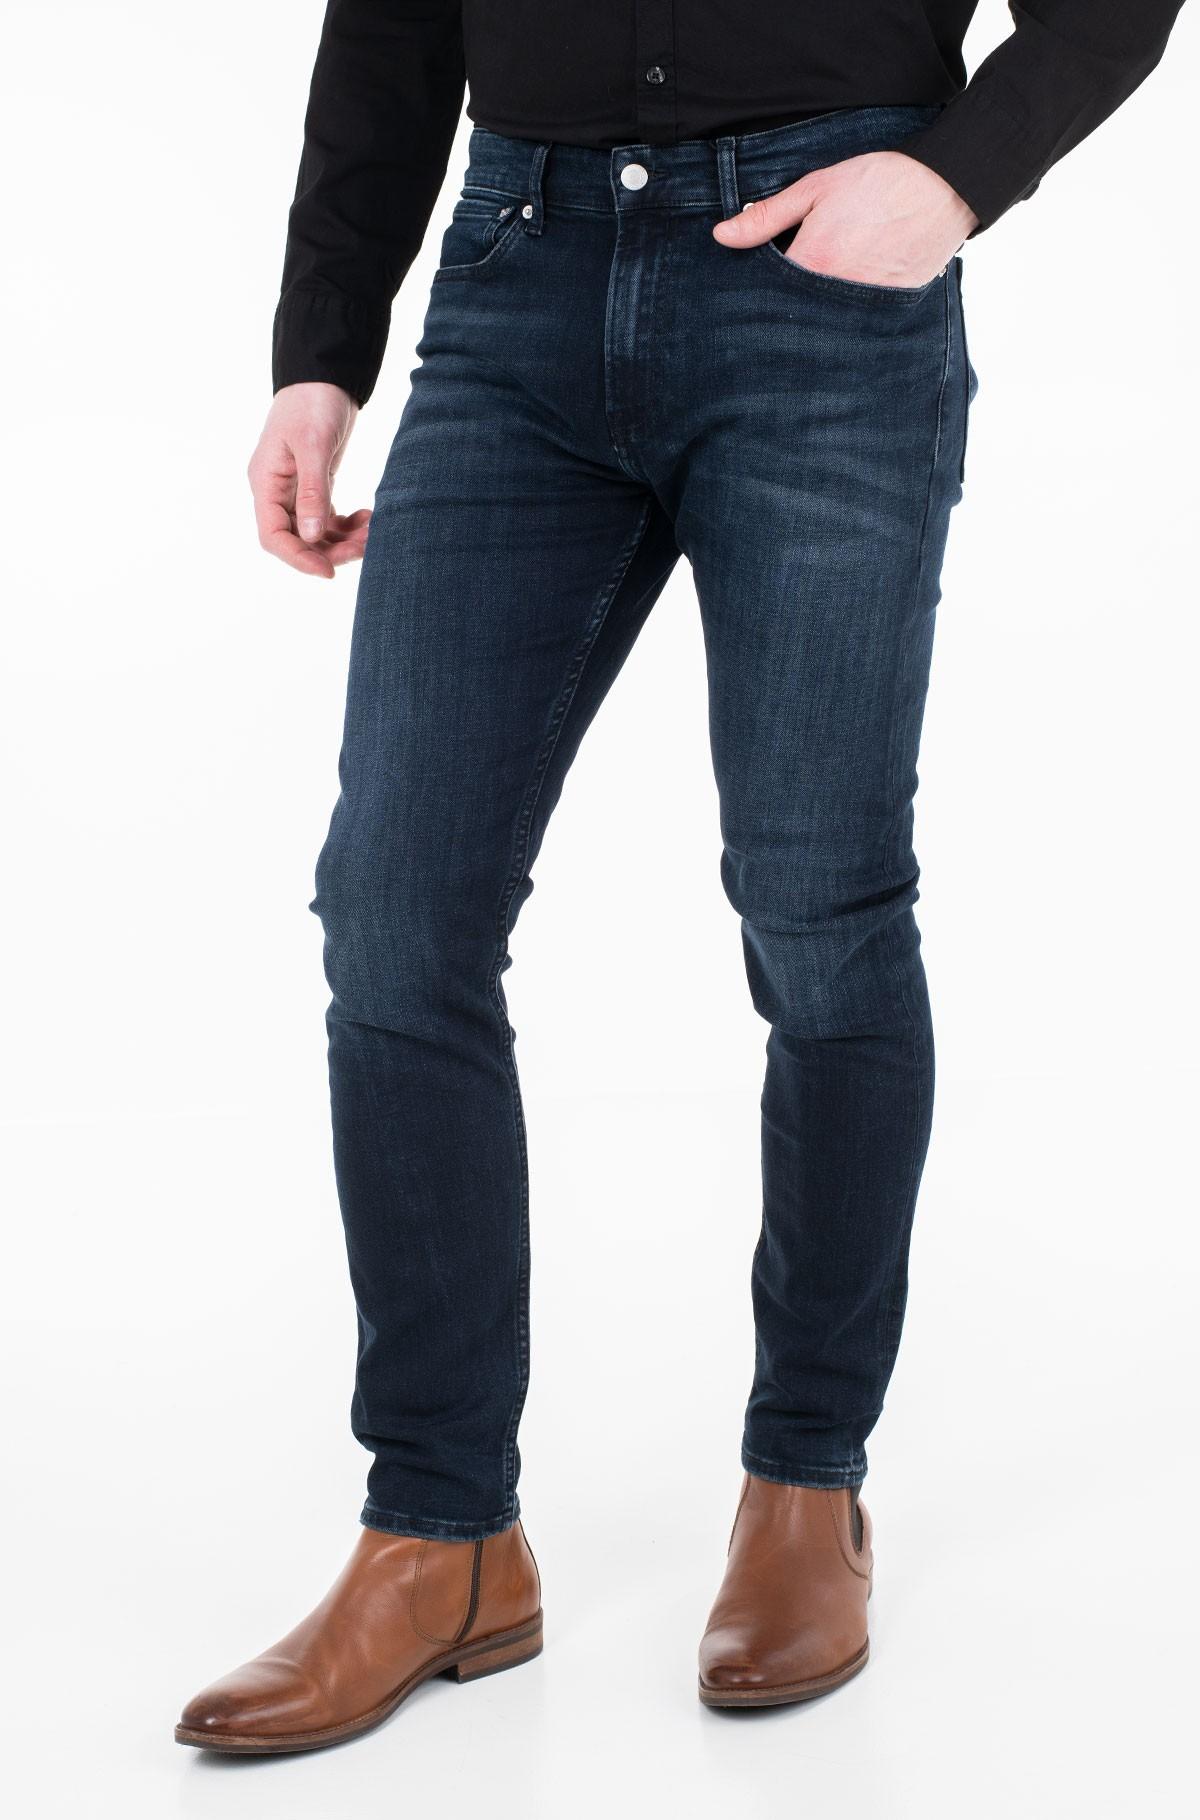 Jeans CKJ 016 SKINNY-full-1